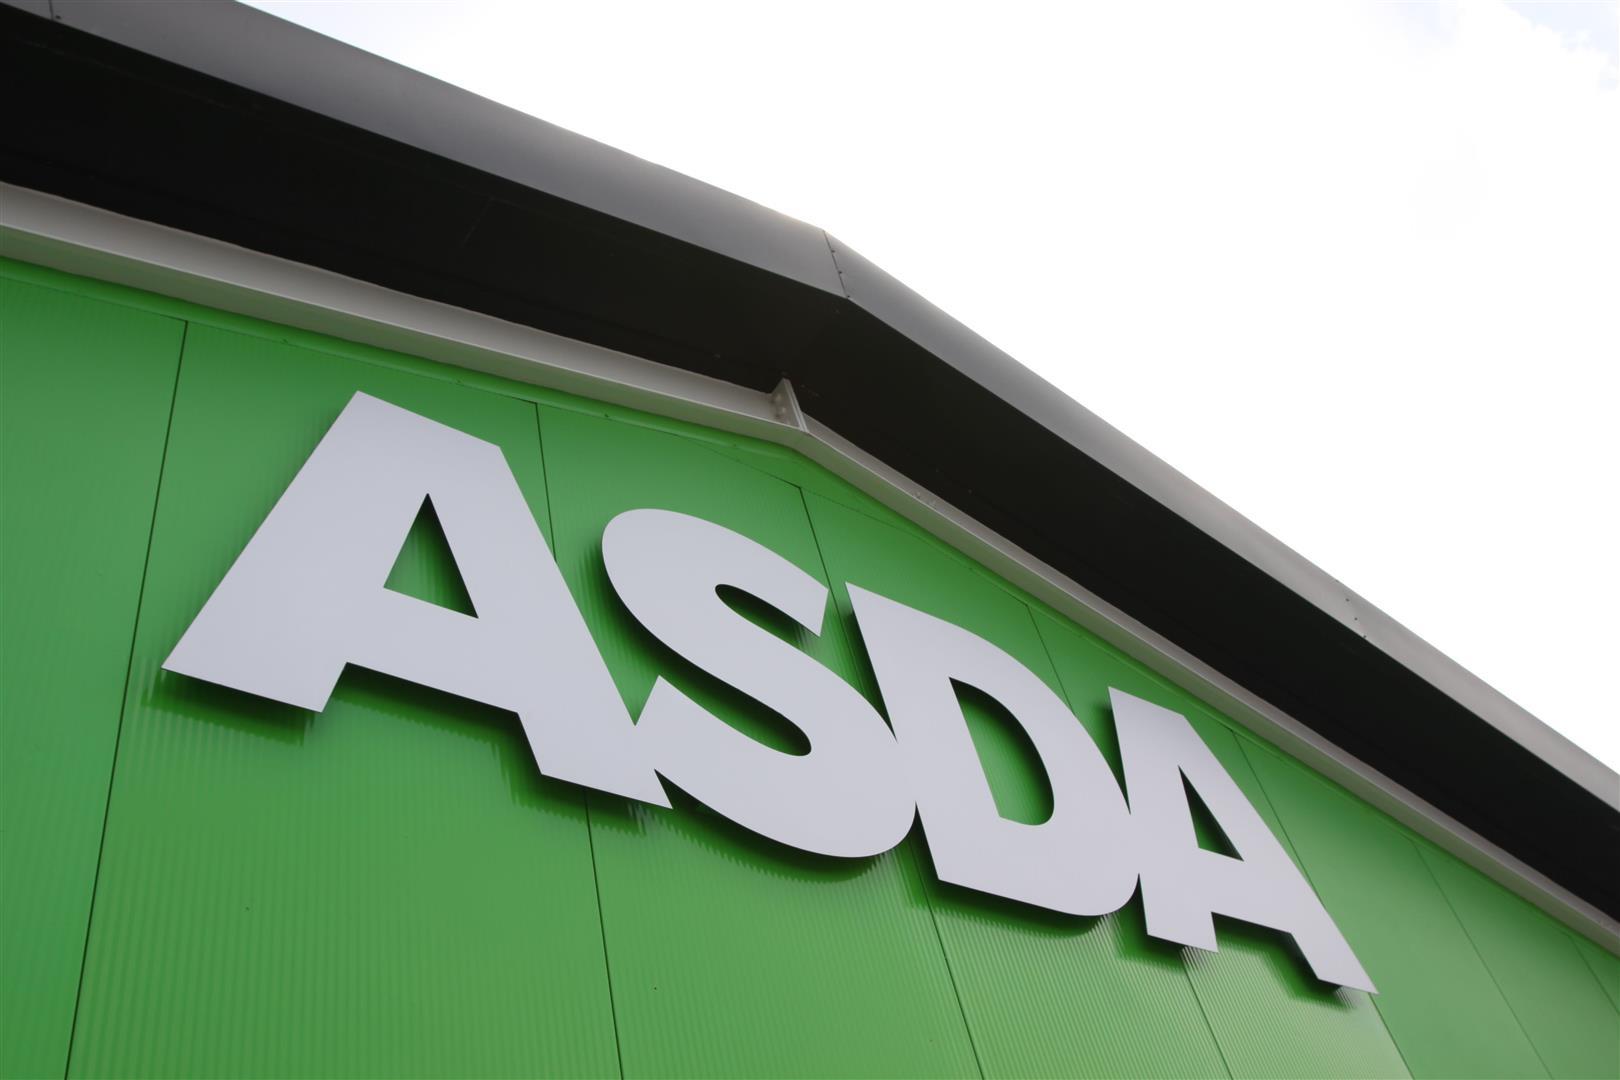 Photo credit: Asda/Wal-Mart UK